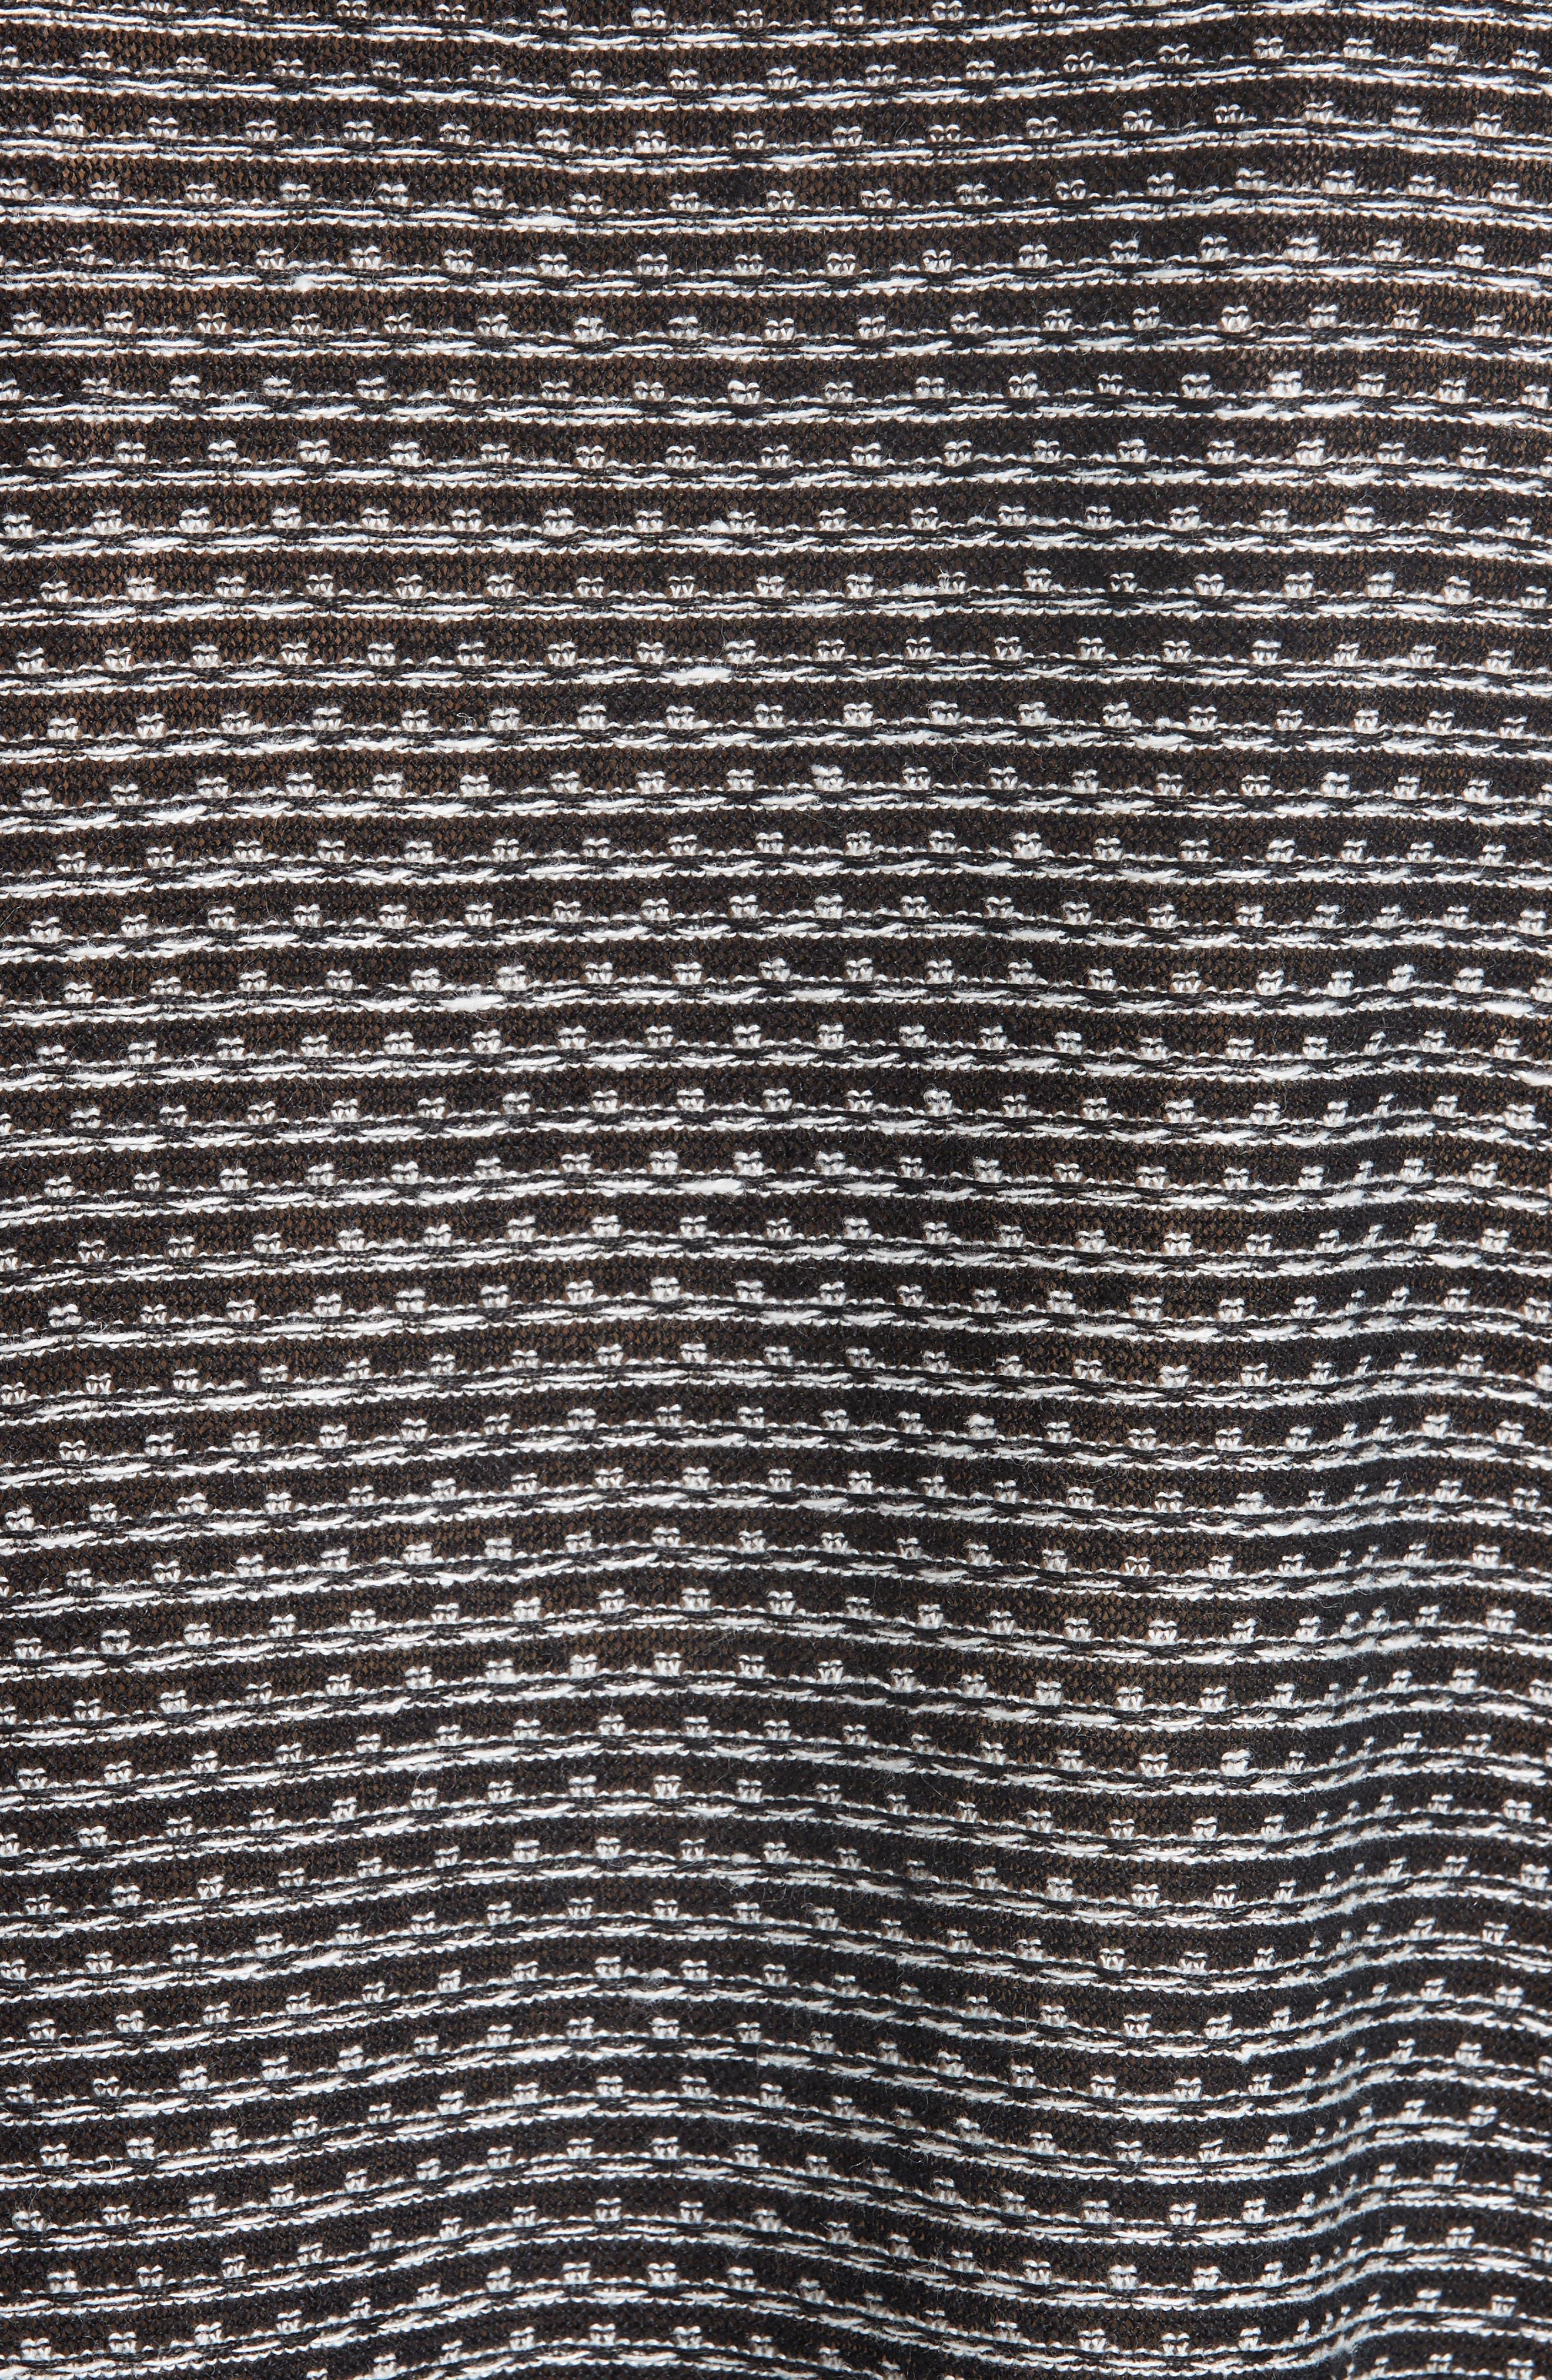 Organic Linen Jacquard Sweater,                             Alternate thumbnail 5, color,                             Black/ Soft White